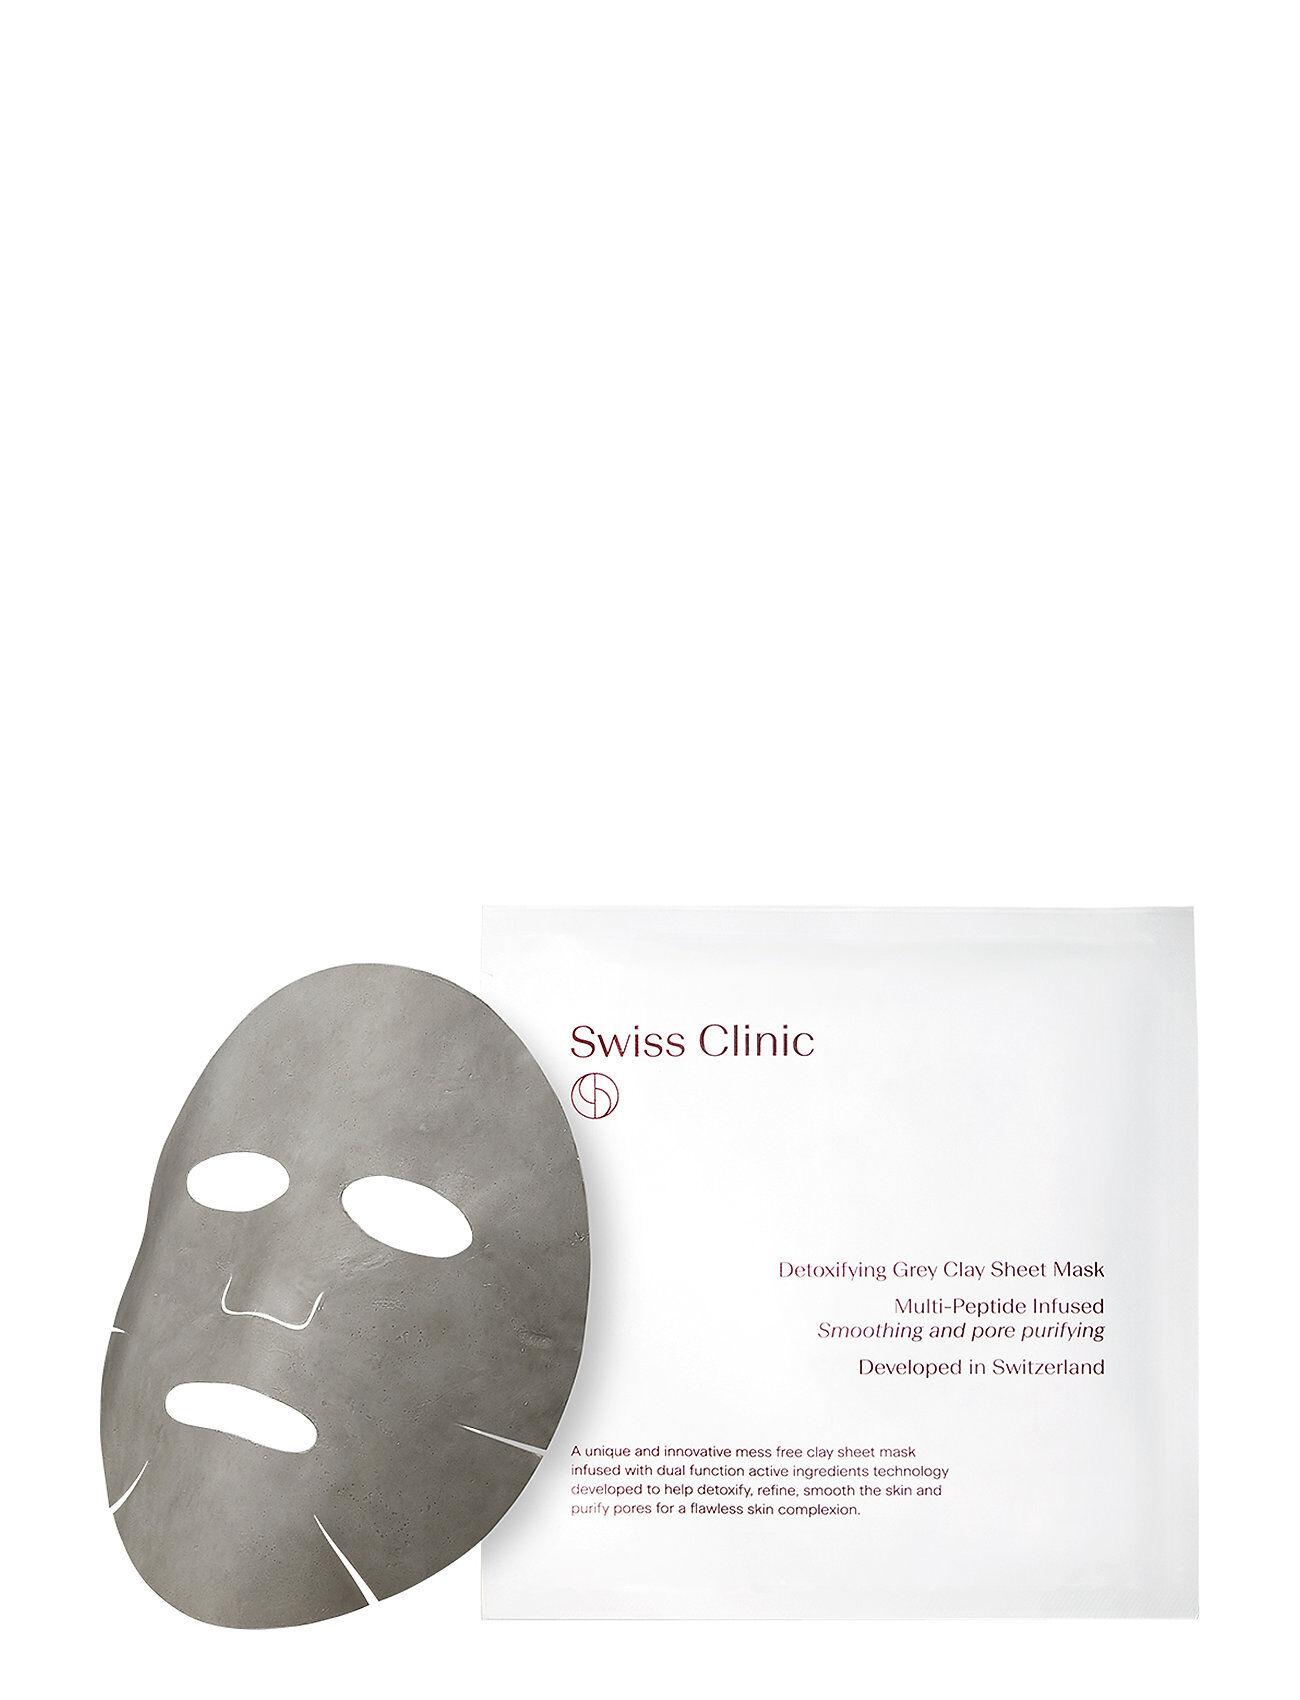 Swiss Clinic Detoxifying Grey Clay Mask Beauty WOMEN Skin Care Face Sheet Mask Nude Swiss Clinic